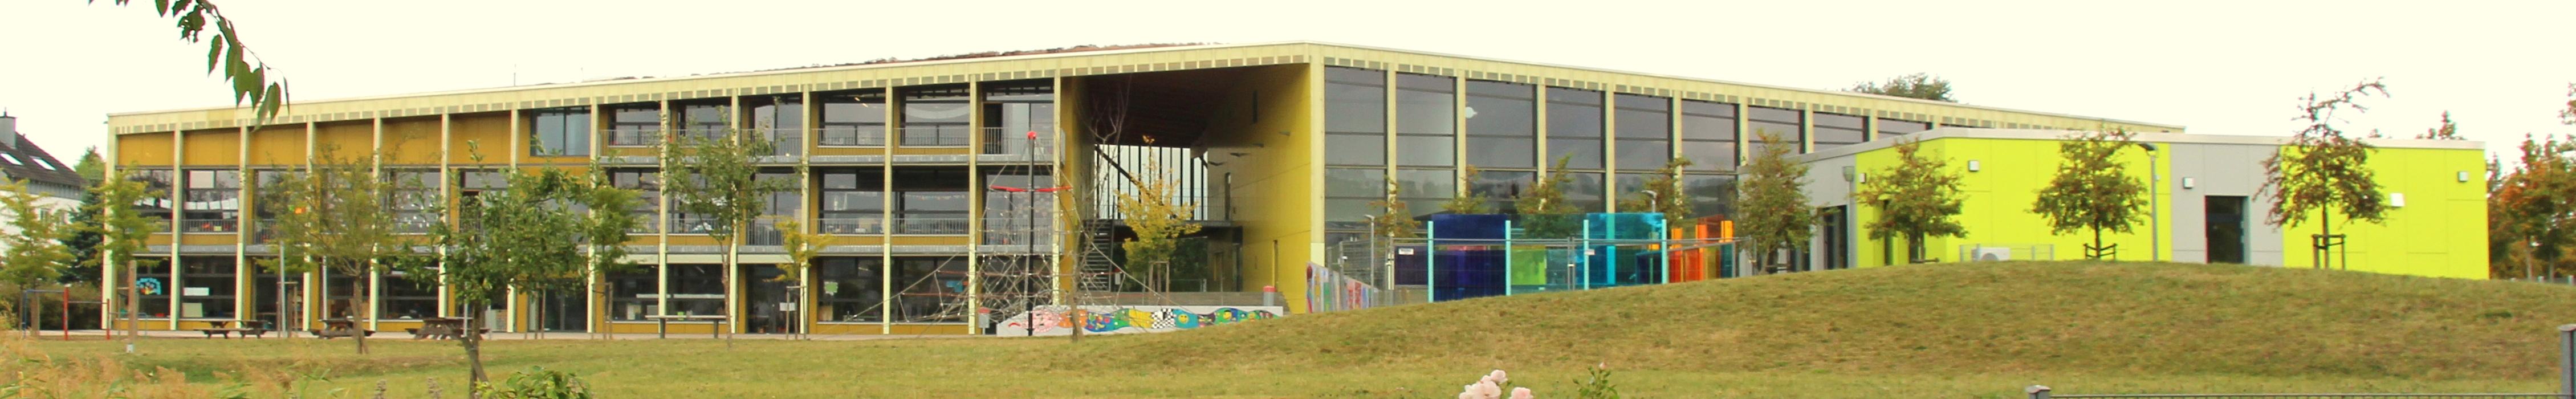 Grundschule Tarforst